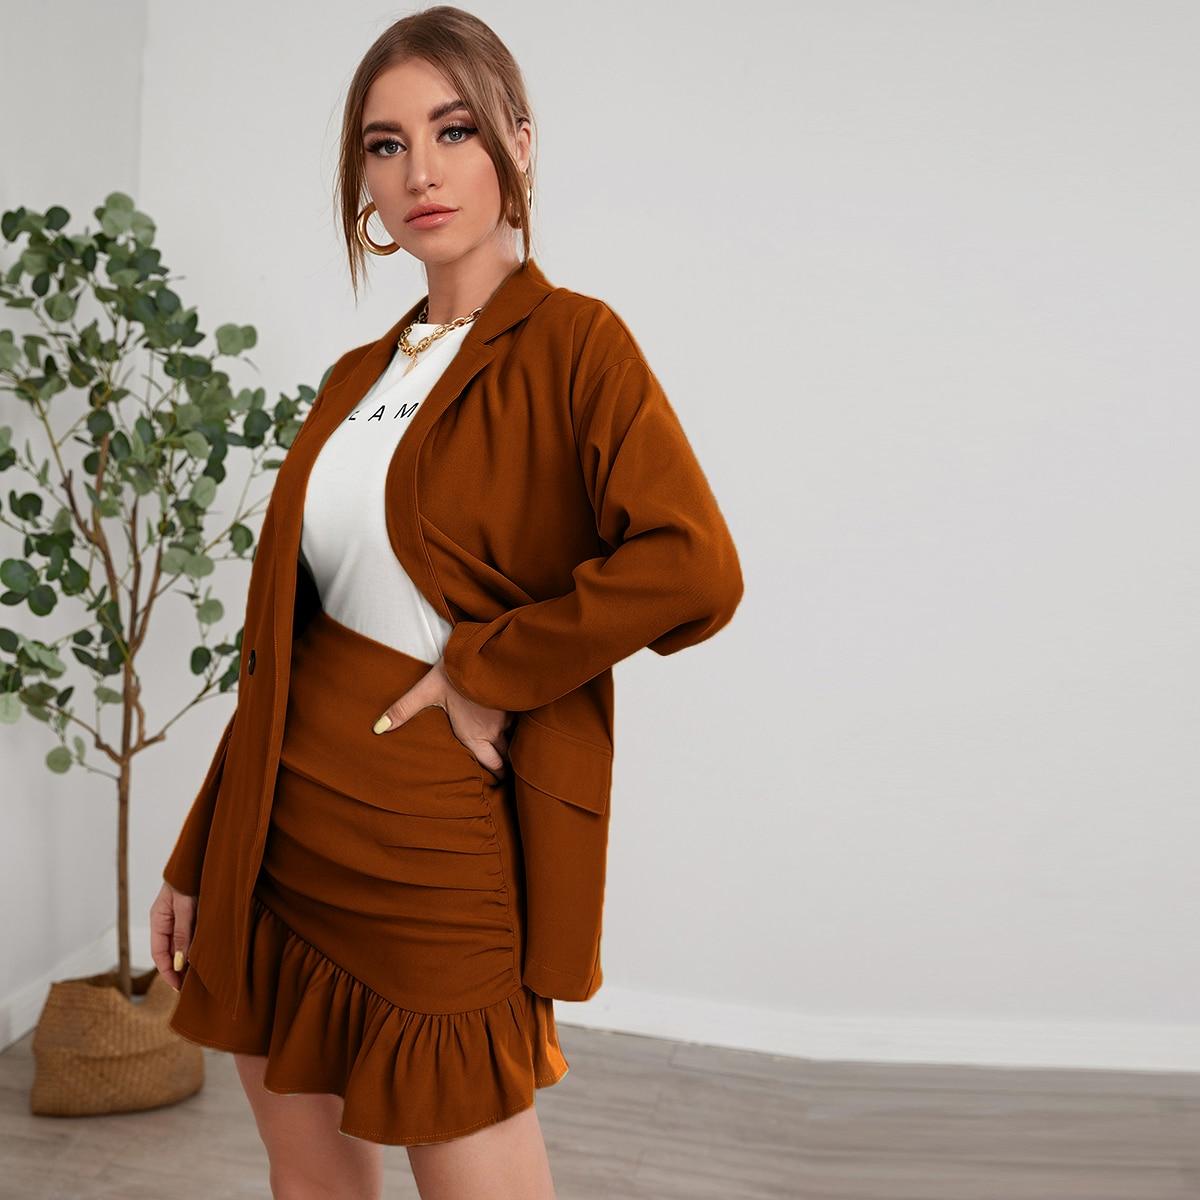 Пиджак со спущенным рукавом и юбка с оборками